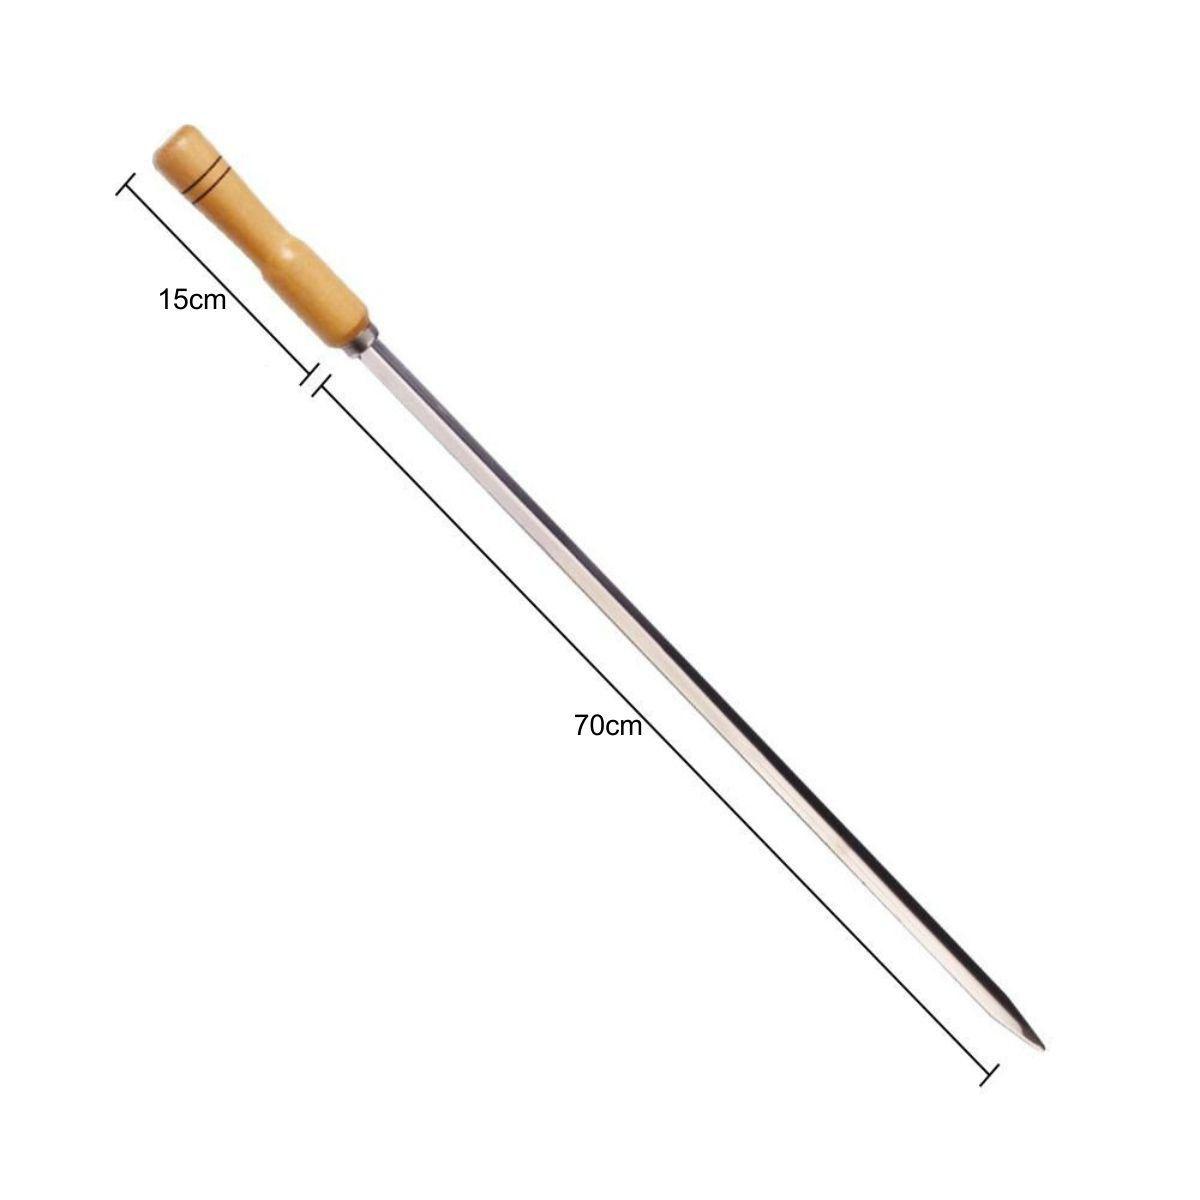 Acessórios de Churrasco 12 Espetos 70cm Aço Inox